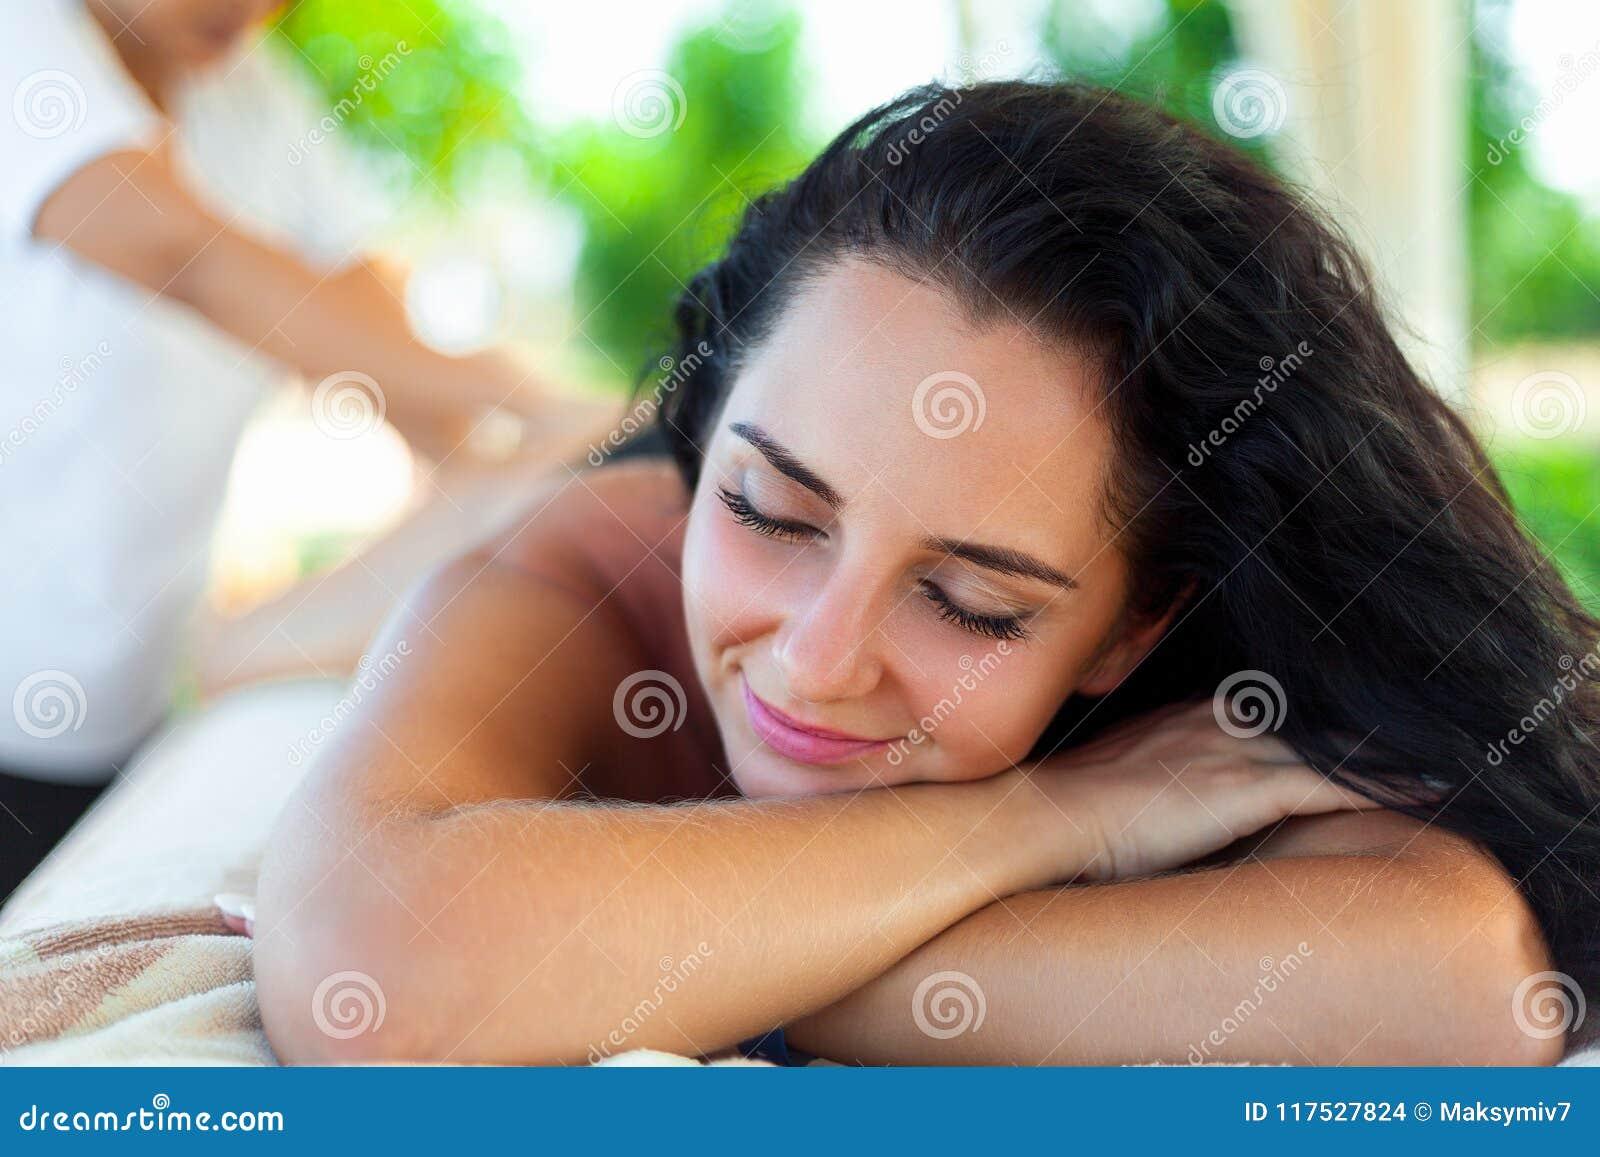 Μασάζ SPA για τη γυναίκα Θεράπων που τρίβει το θηλυκό σώμα με Arom